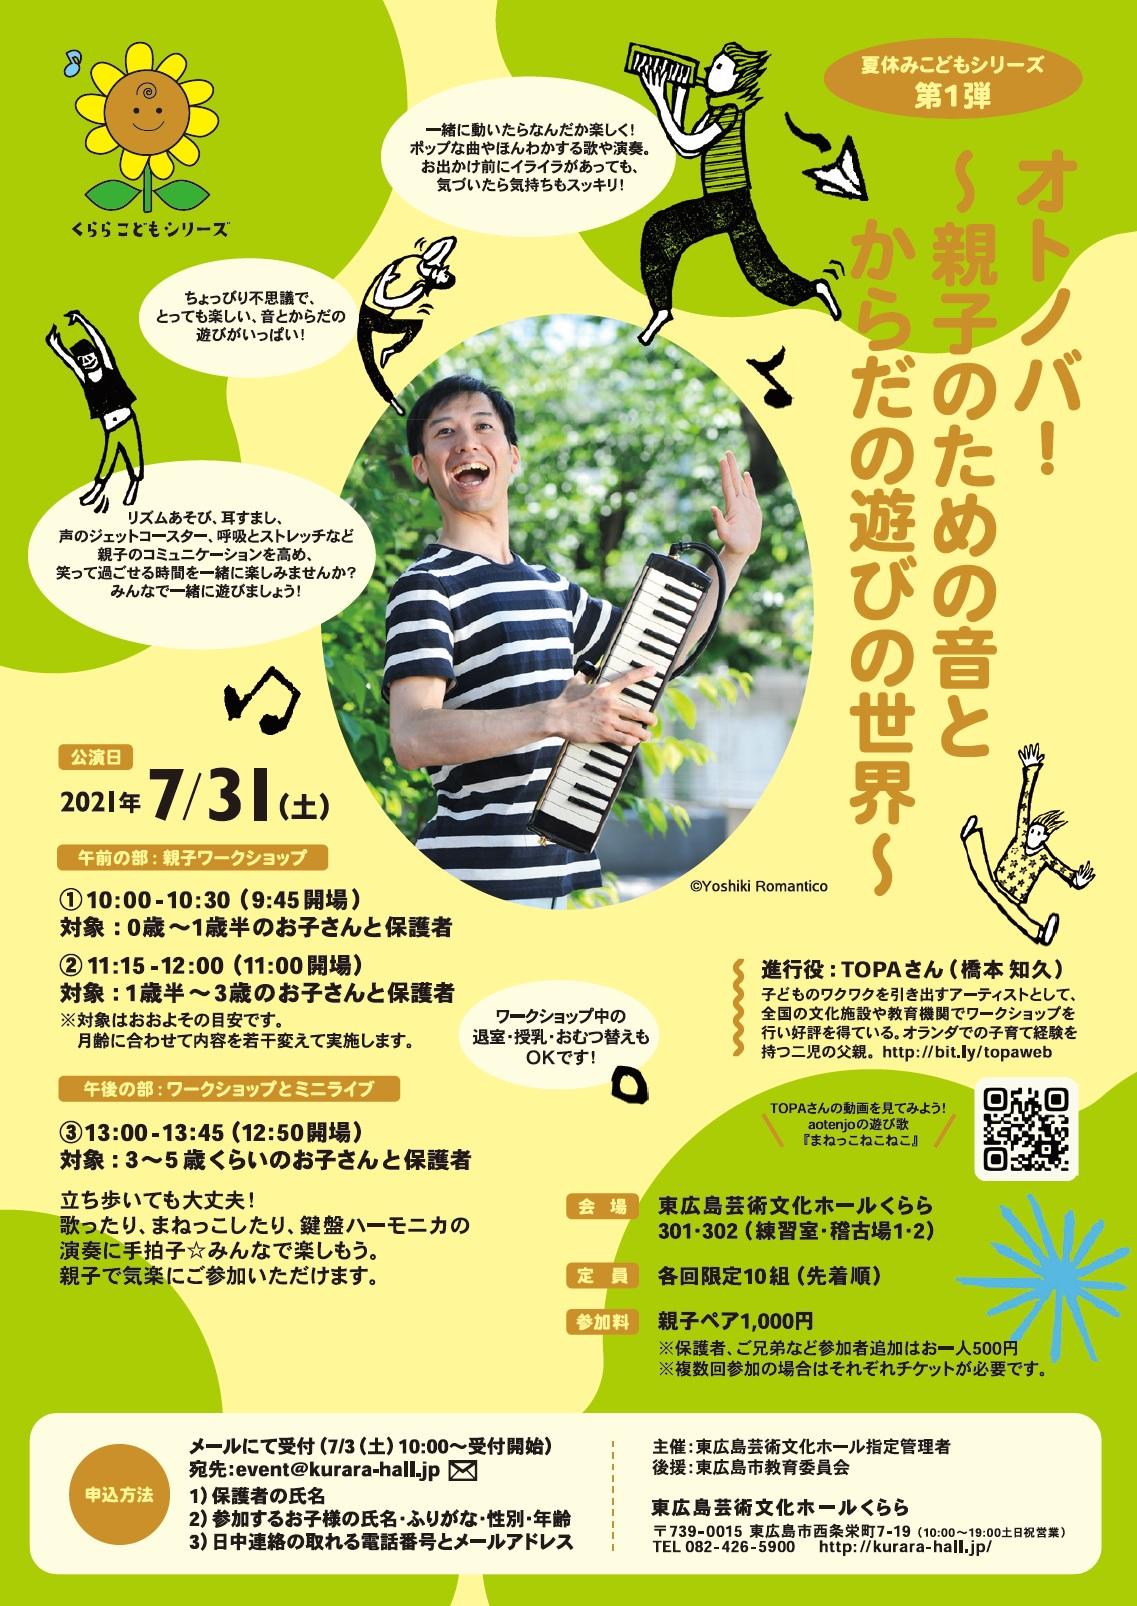 【受付終了】夏休みこどもシリーズ 第1弾「オトノバ! ~親子のための音とからだの遊びの世界~」(午前の部)